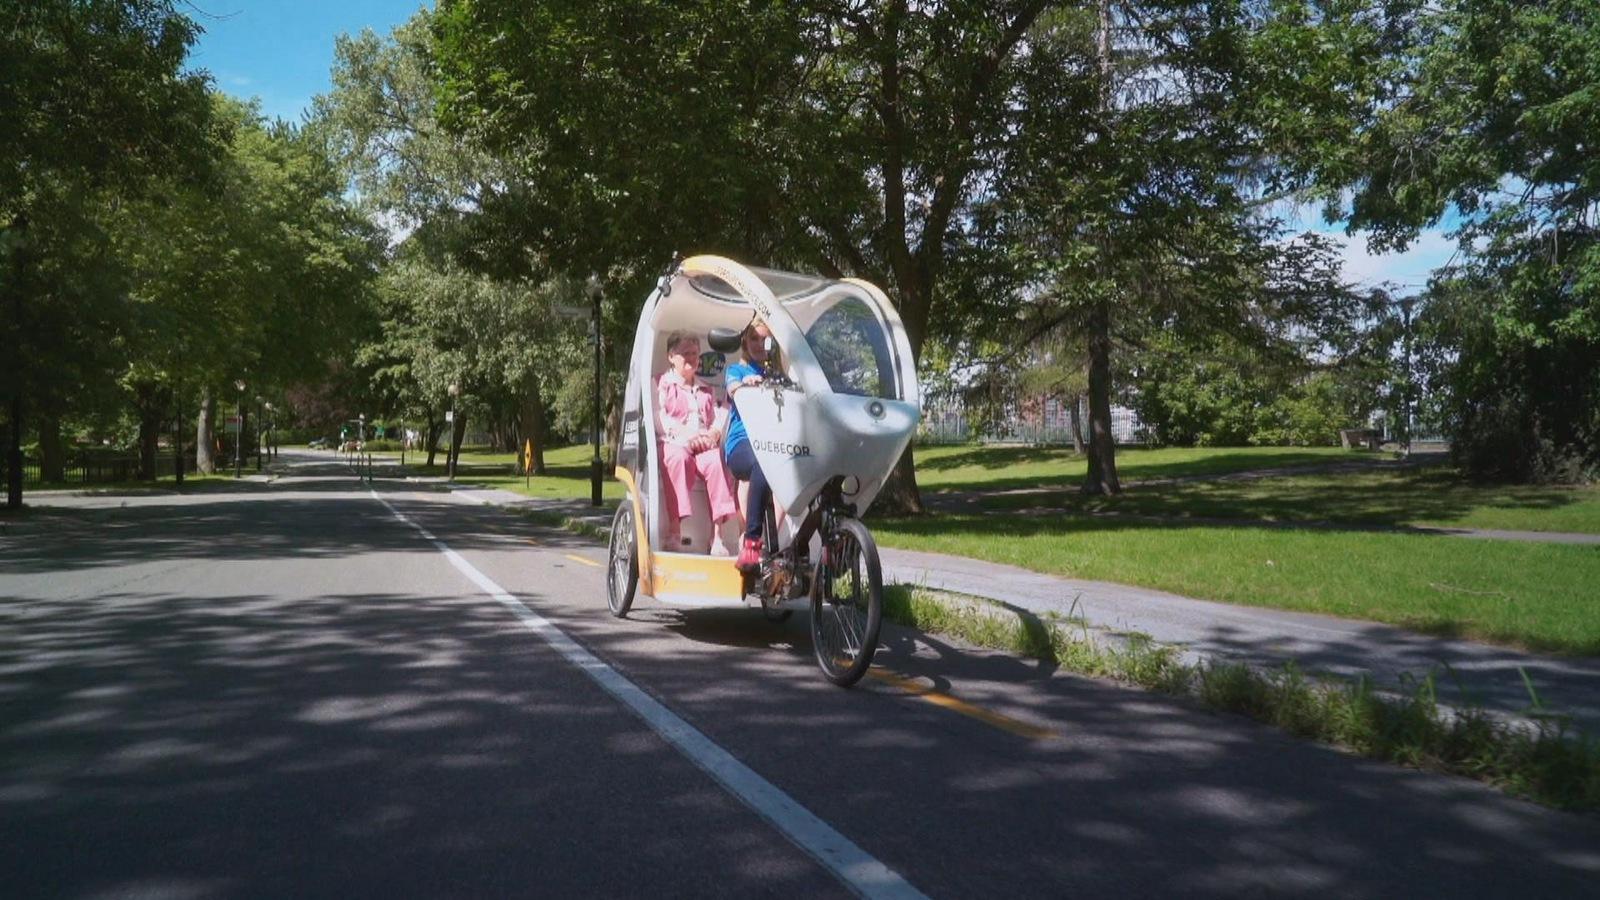 Une ballade à vélo offerte par l'ONG Un vélo une ville